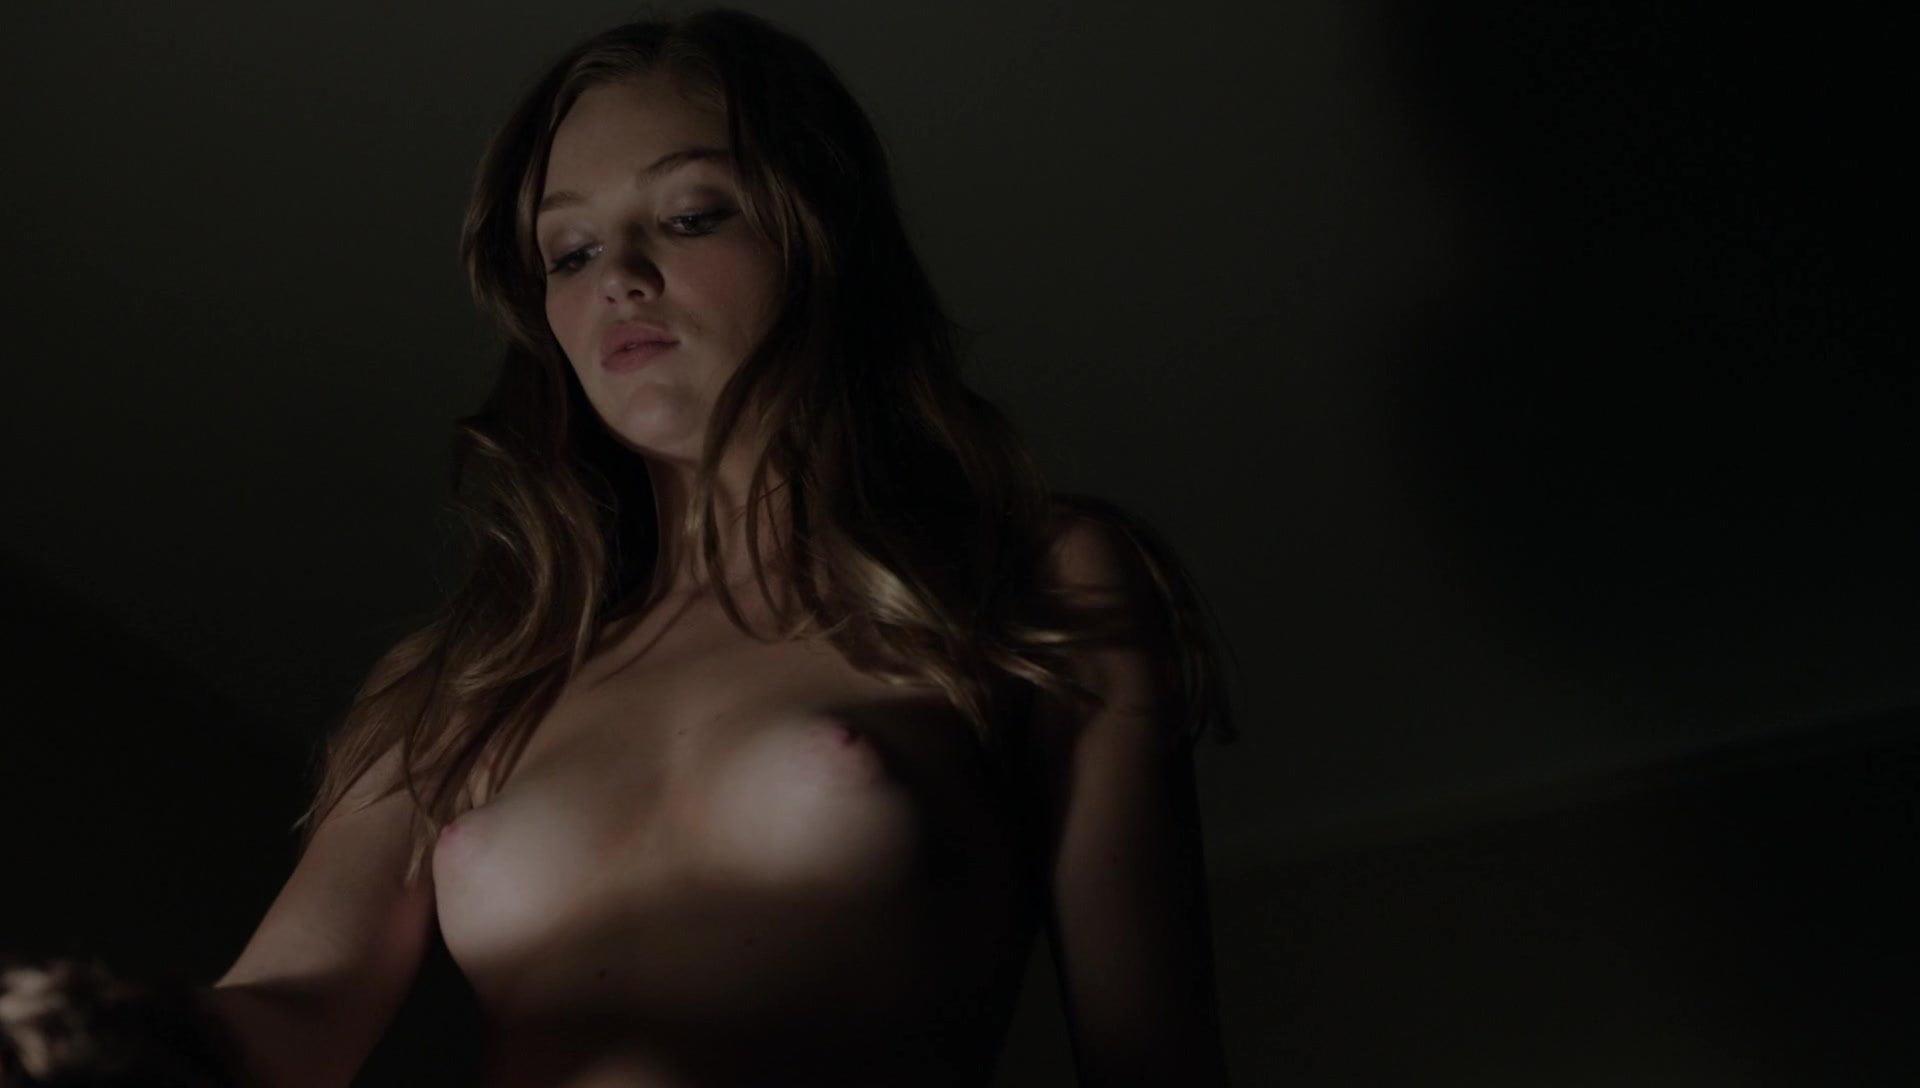 Banshee amish girl naked — photo 7